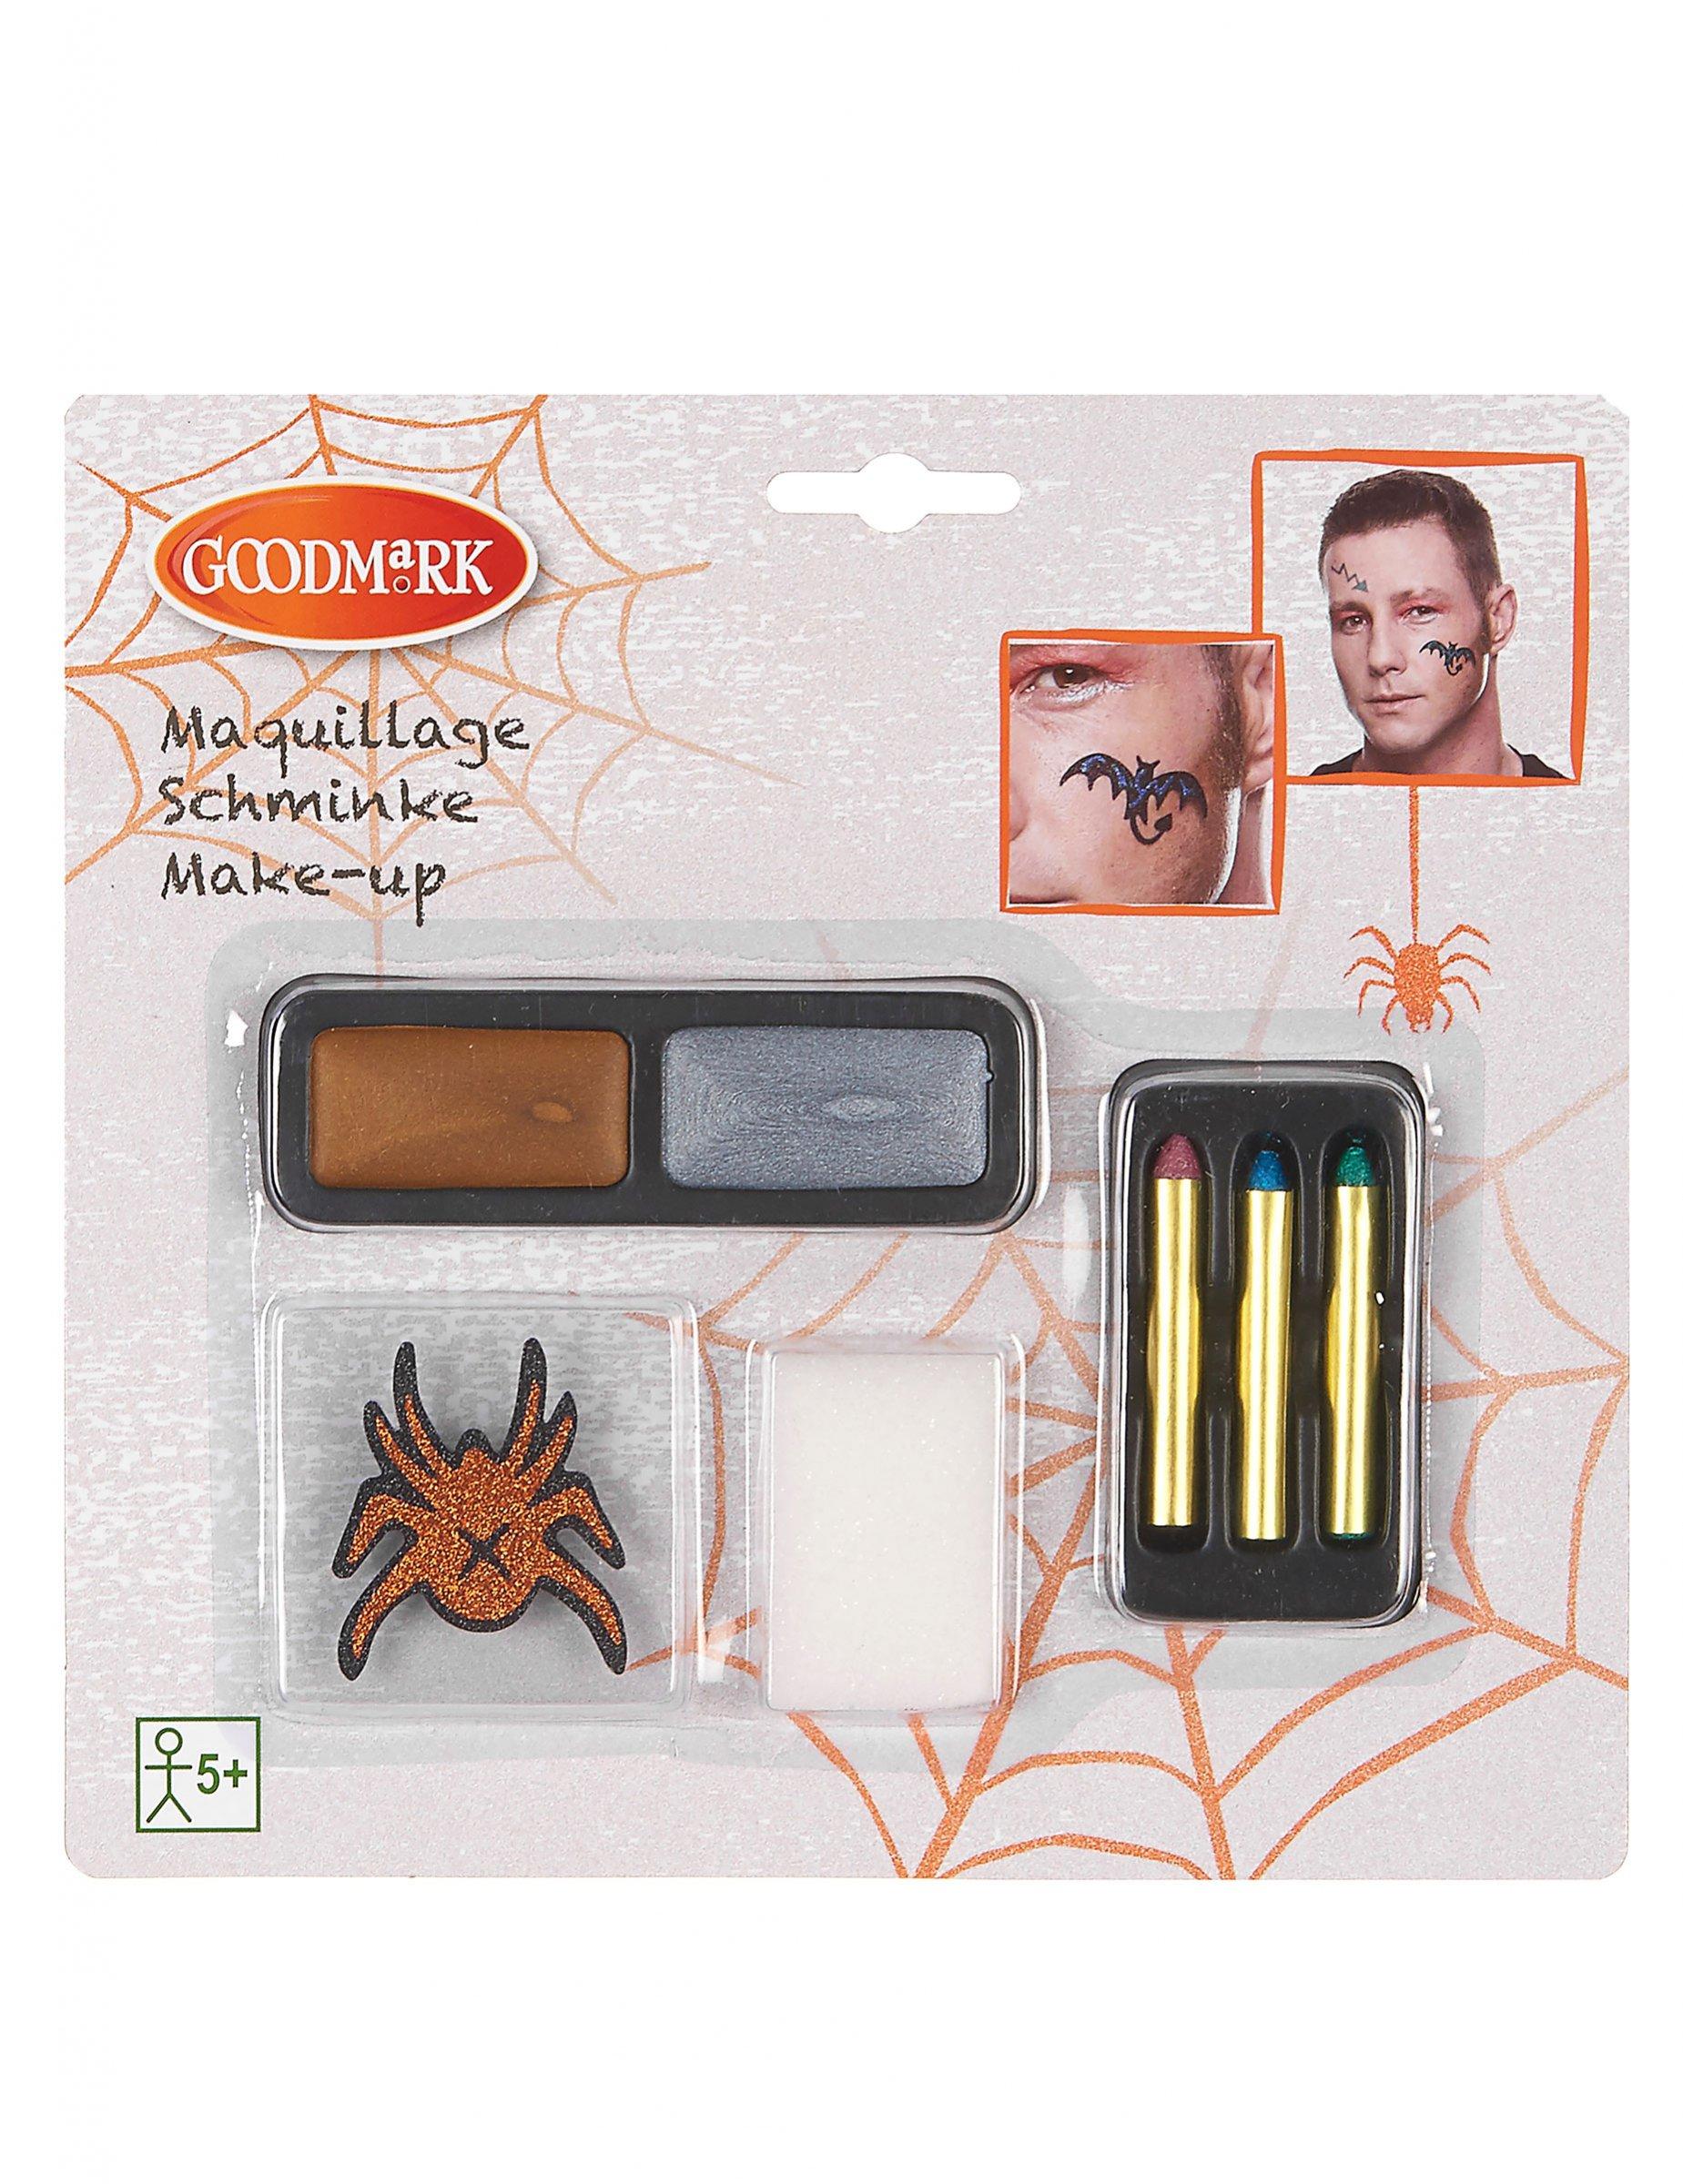 Trucco glamour e tatuaggi per Halloween su VegaooParty e78287e7ab0b